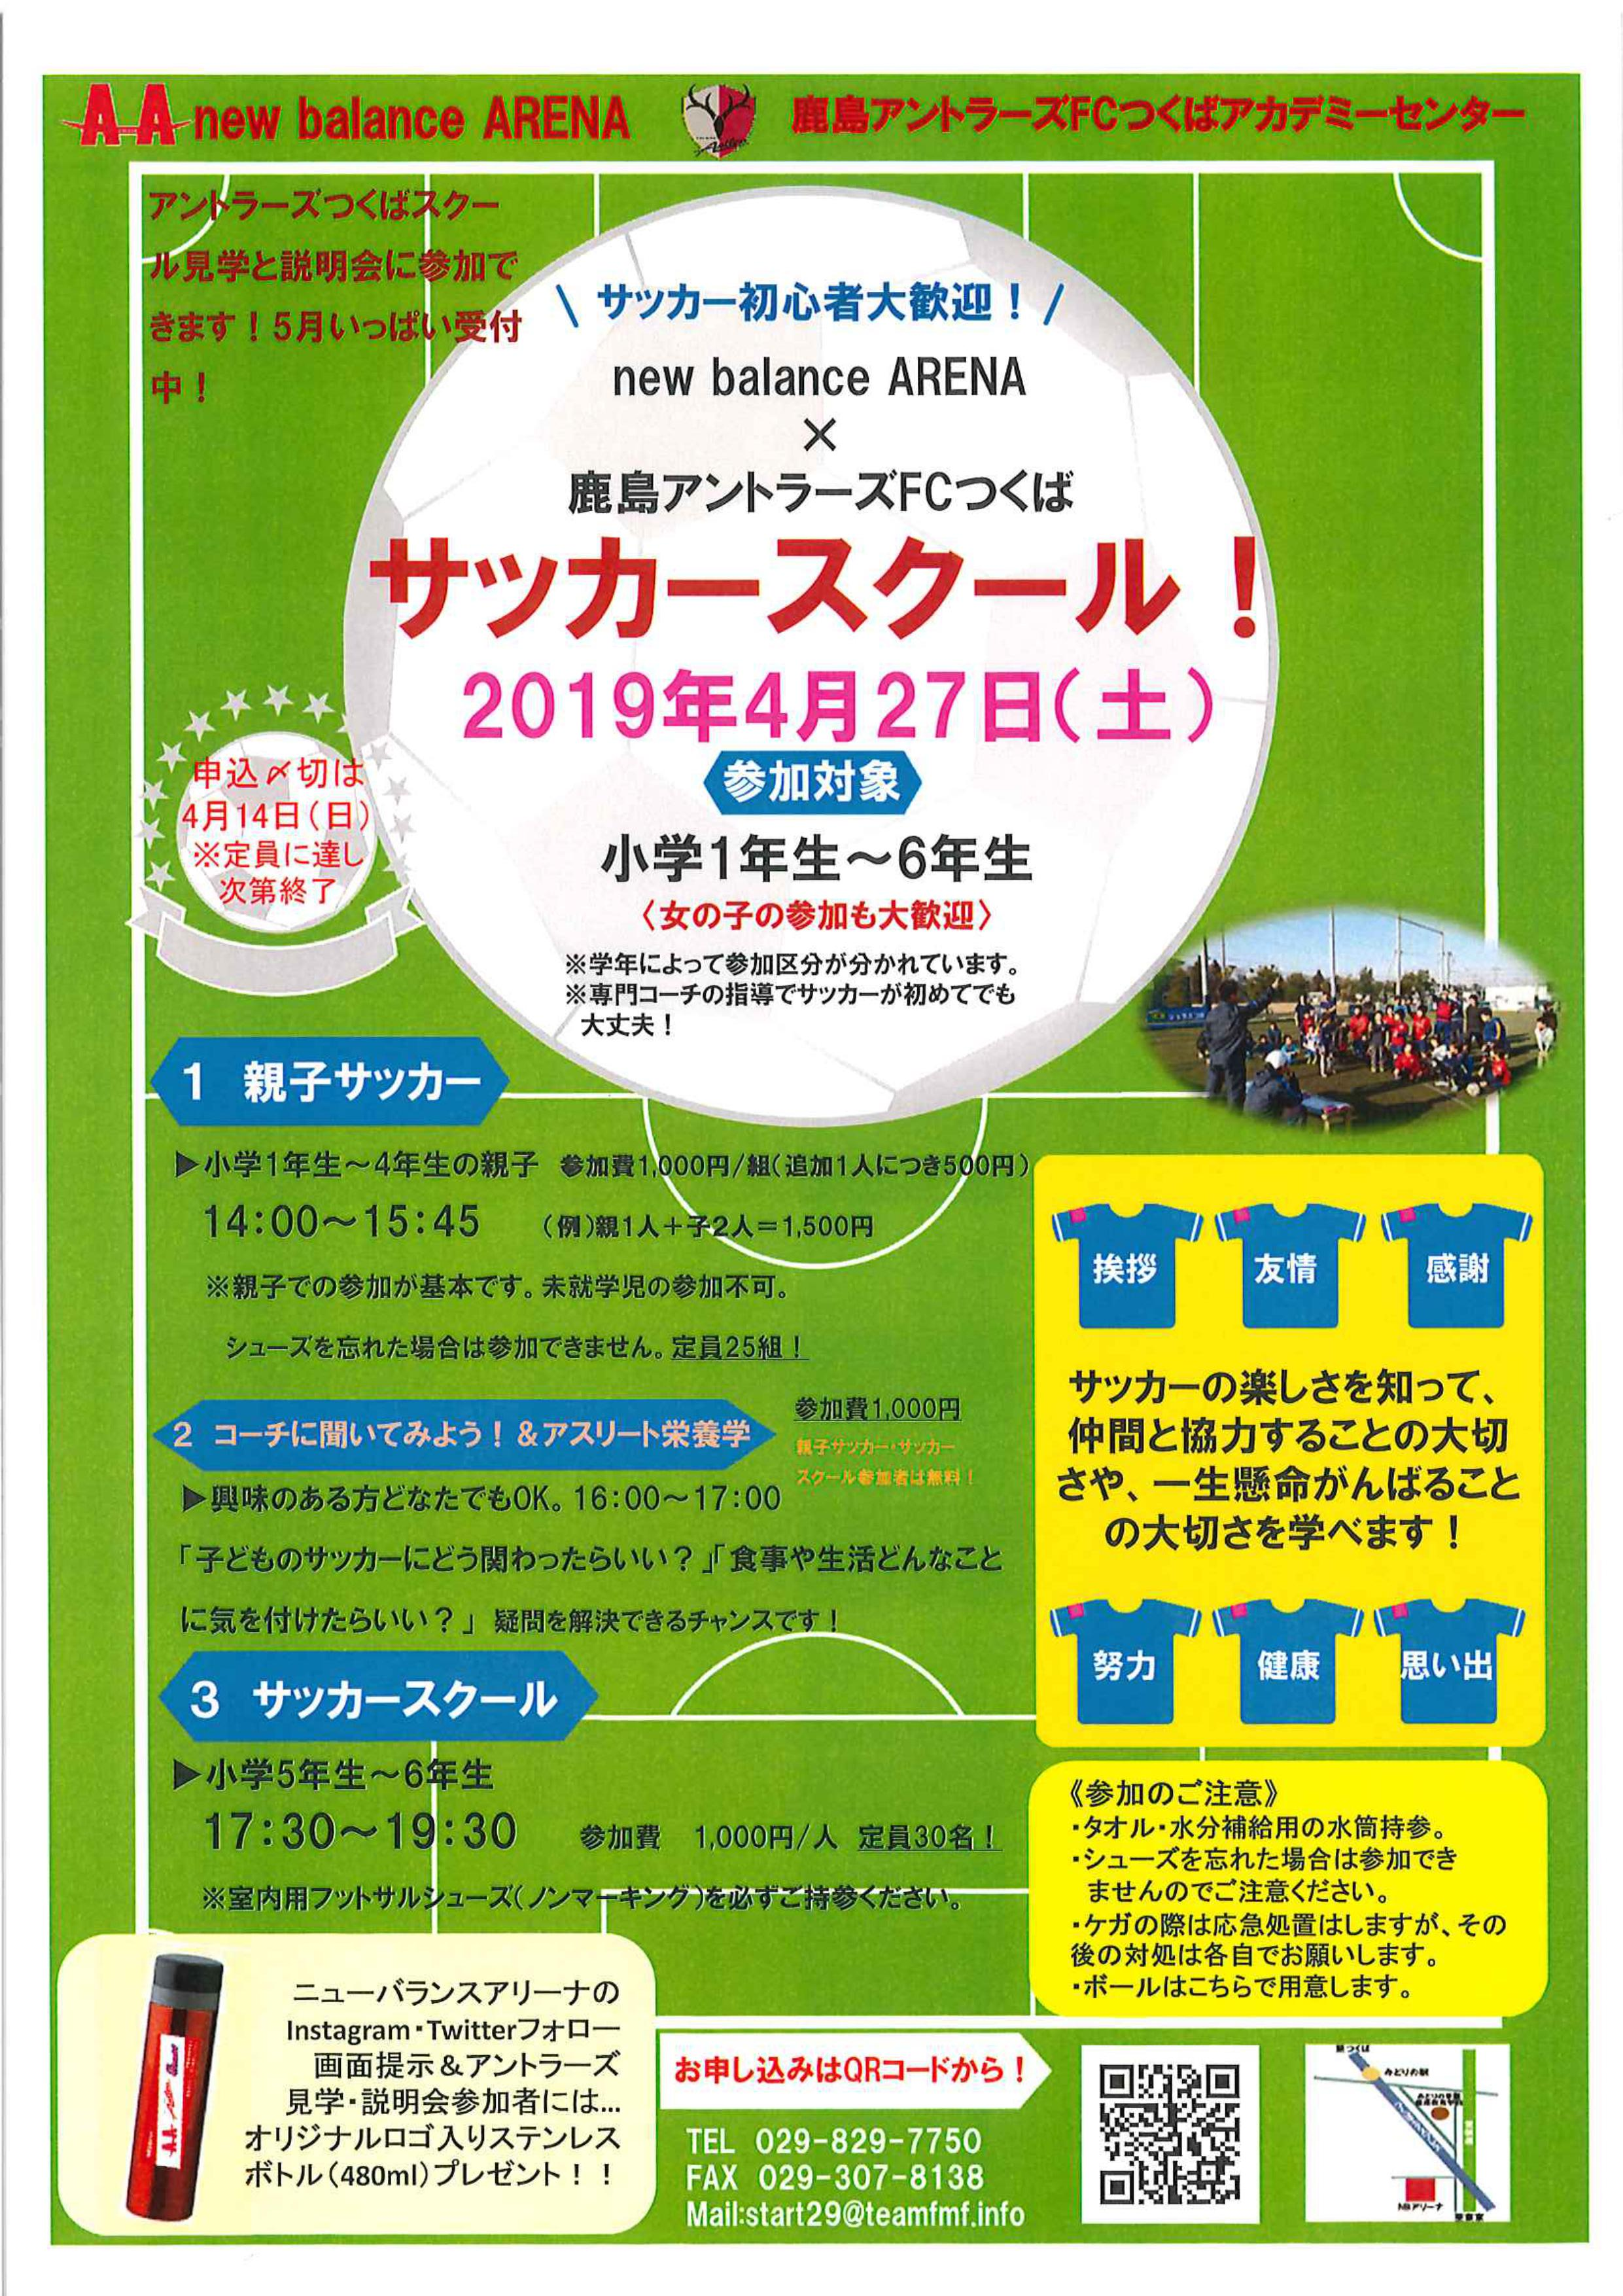 サッカースクール開催!page-visual サッカースクール開催!ビジュアル